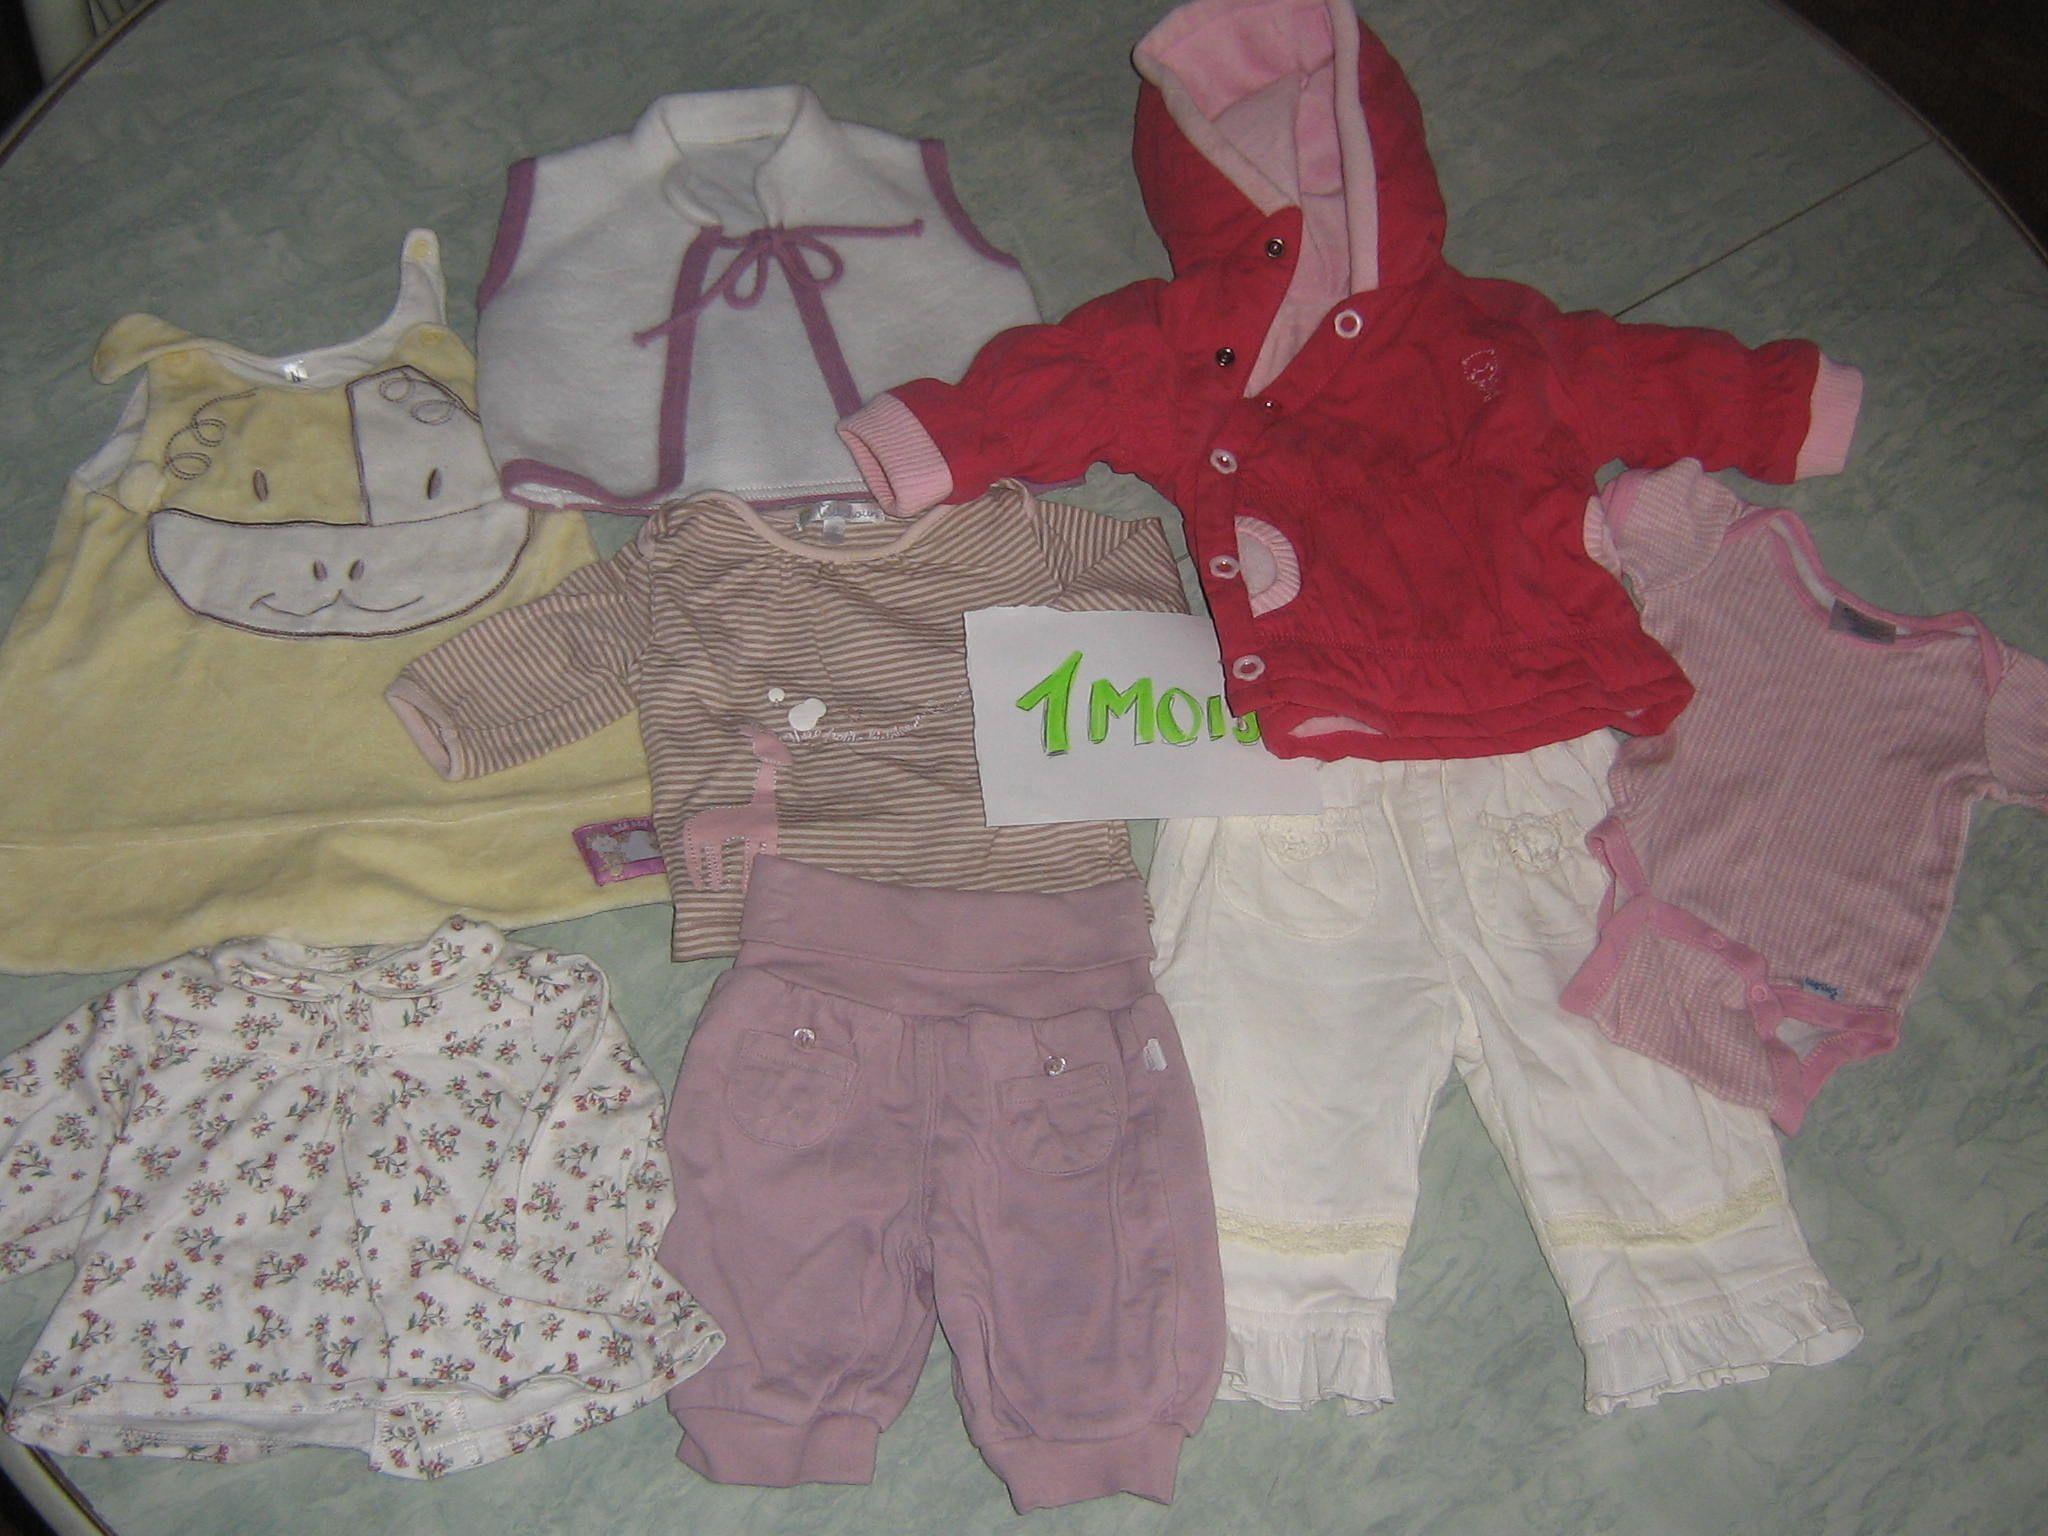 30d0054e8dde6 Lot vêtements bébé fille en 1 mois